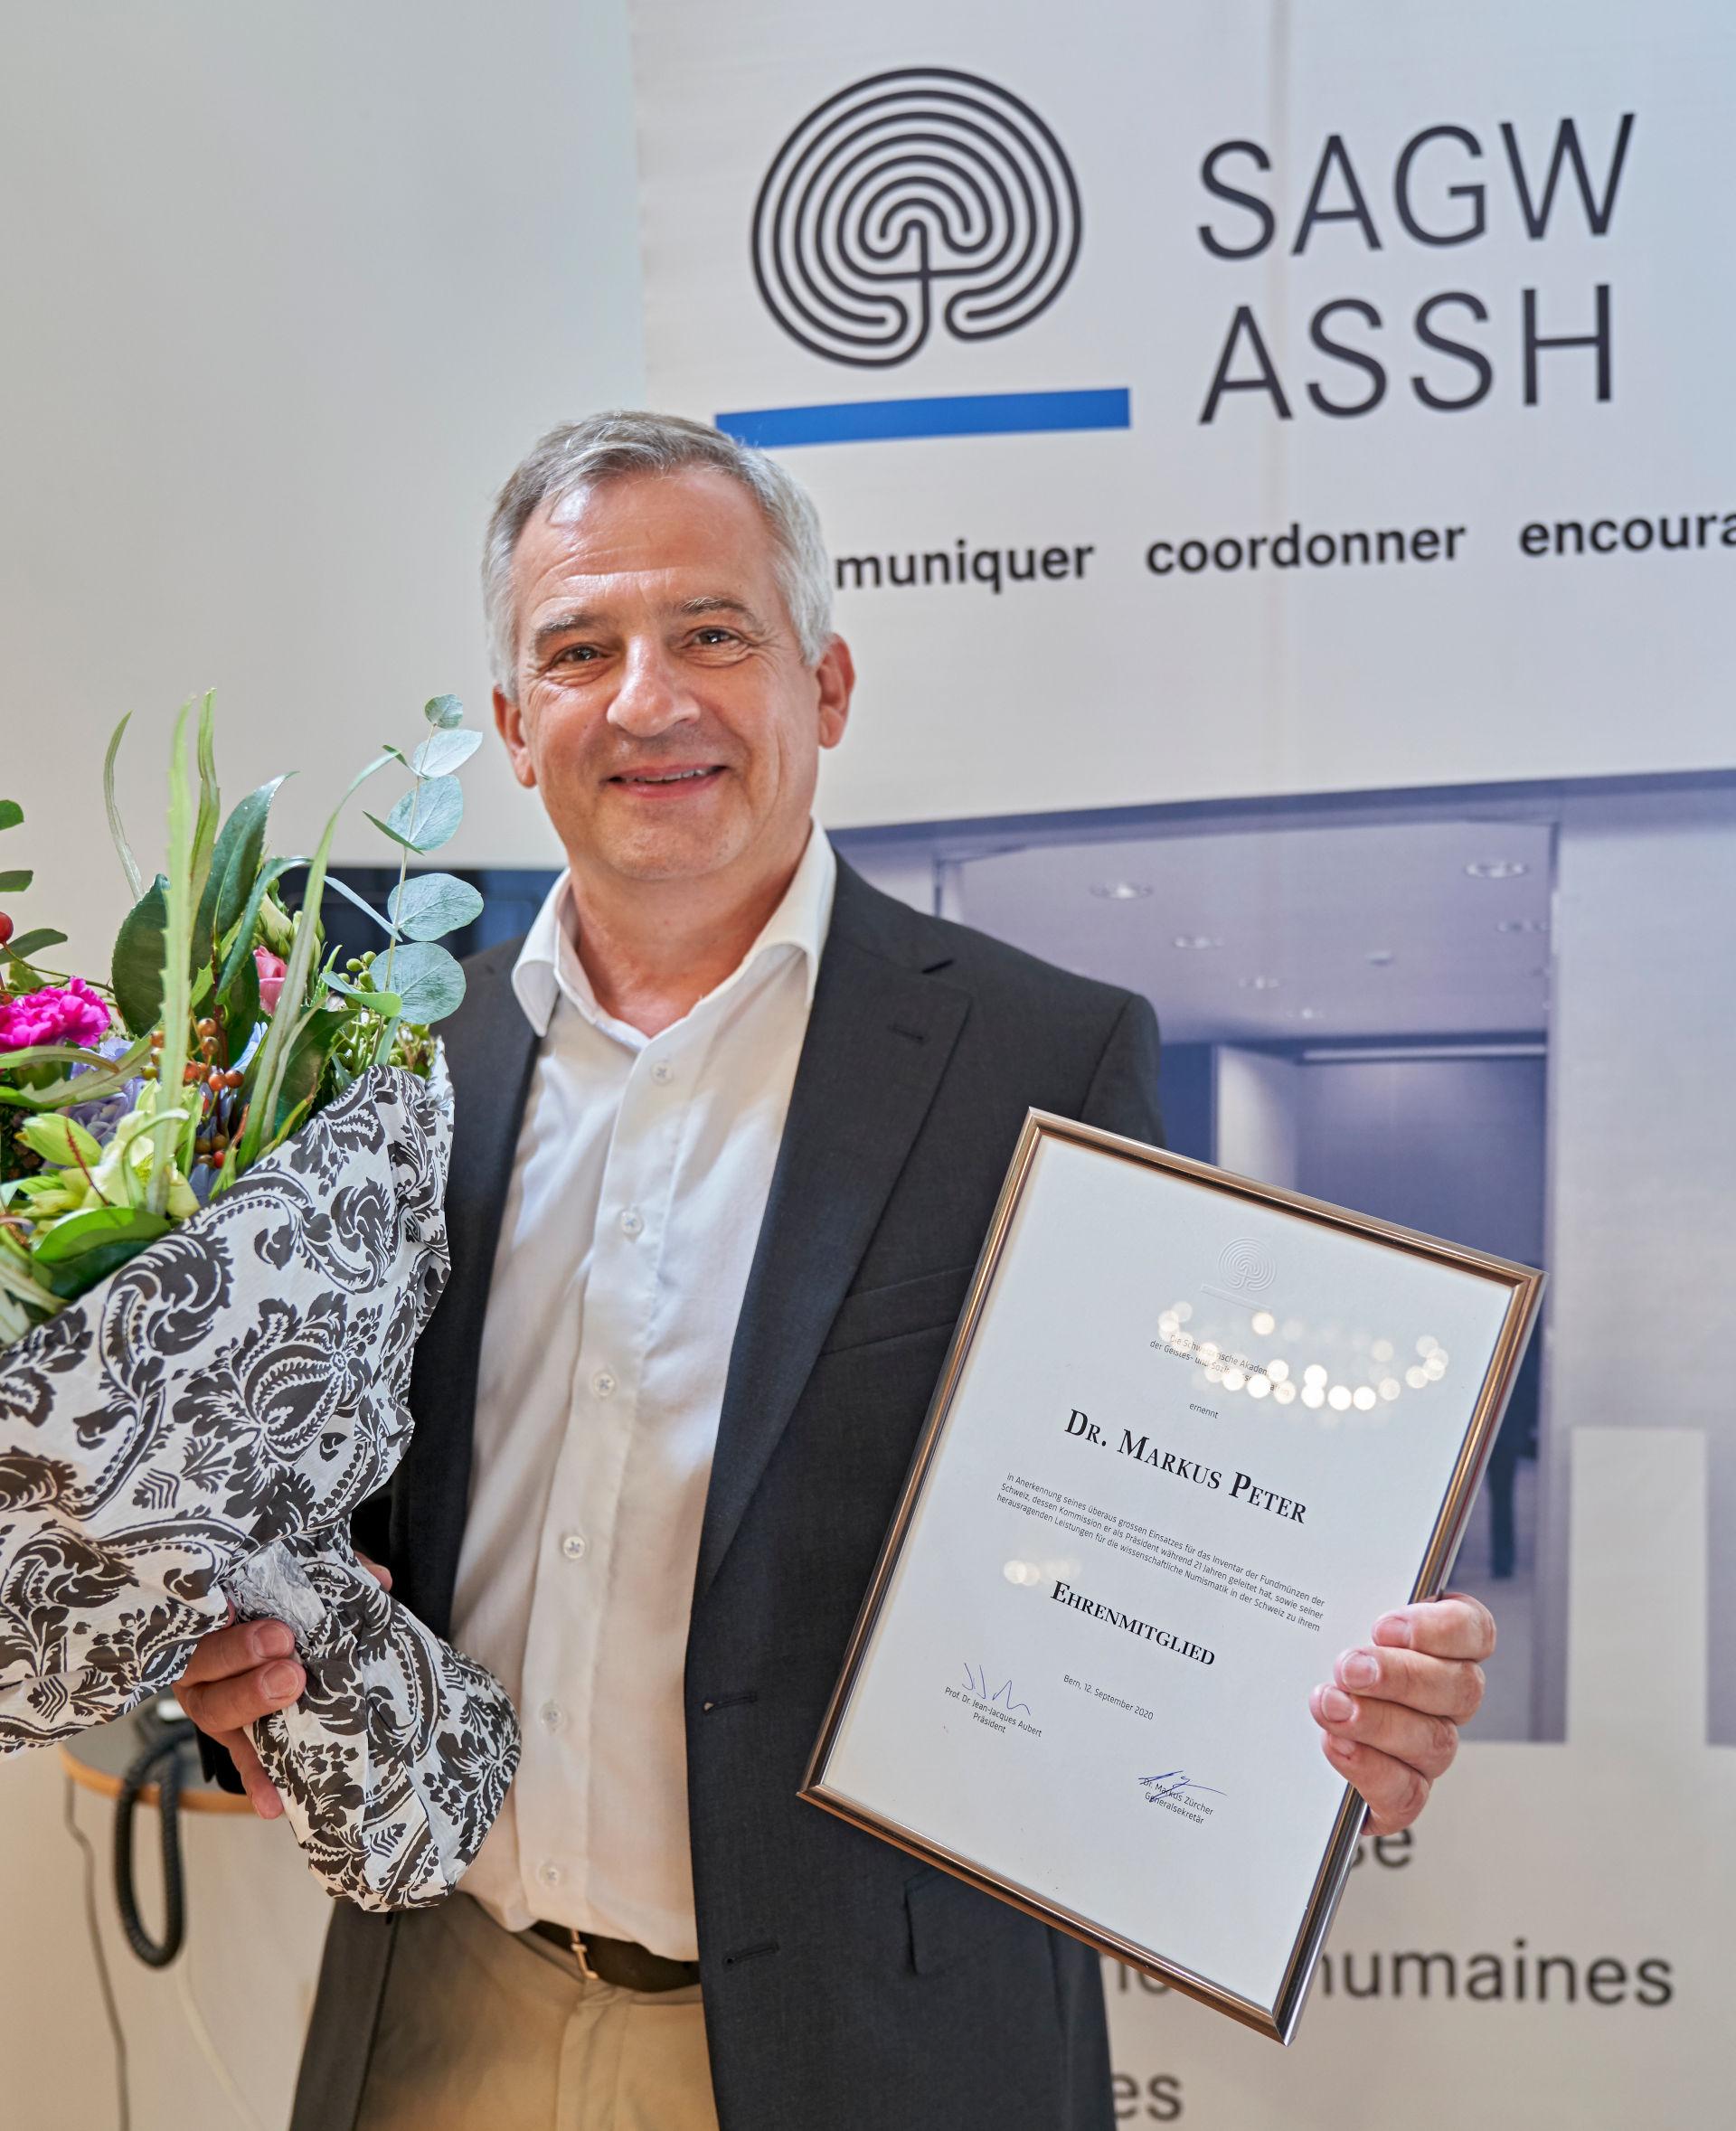 Dr. Markus Peter, Ehrenmitglied der SAGW 2020.